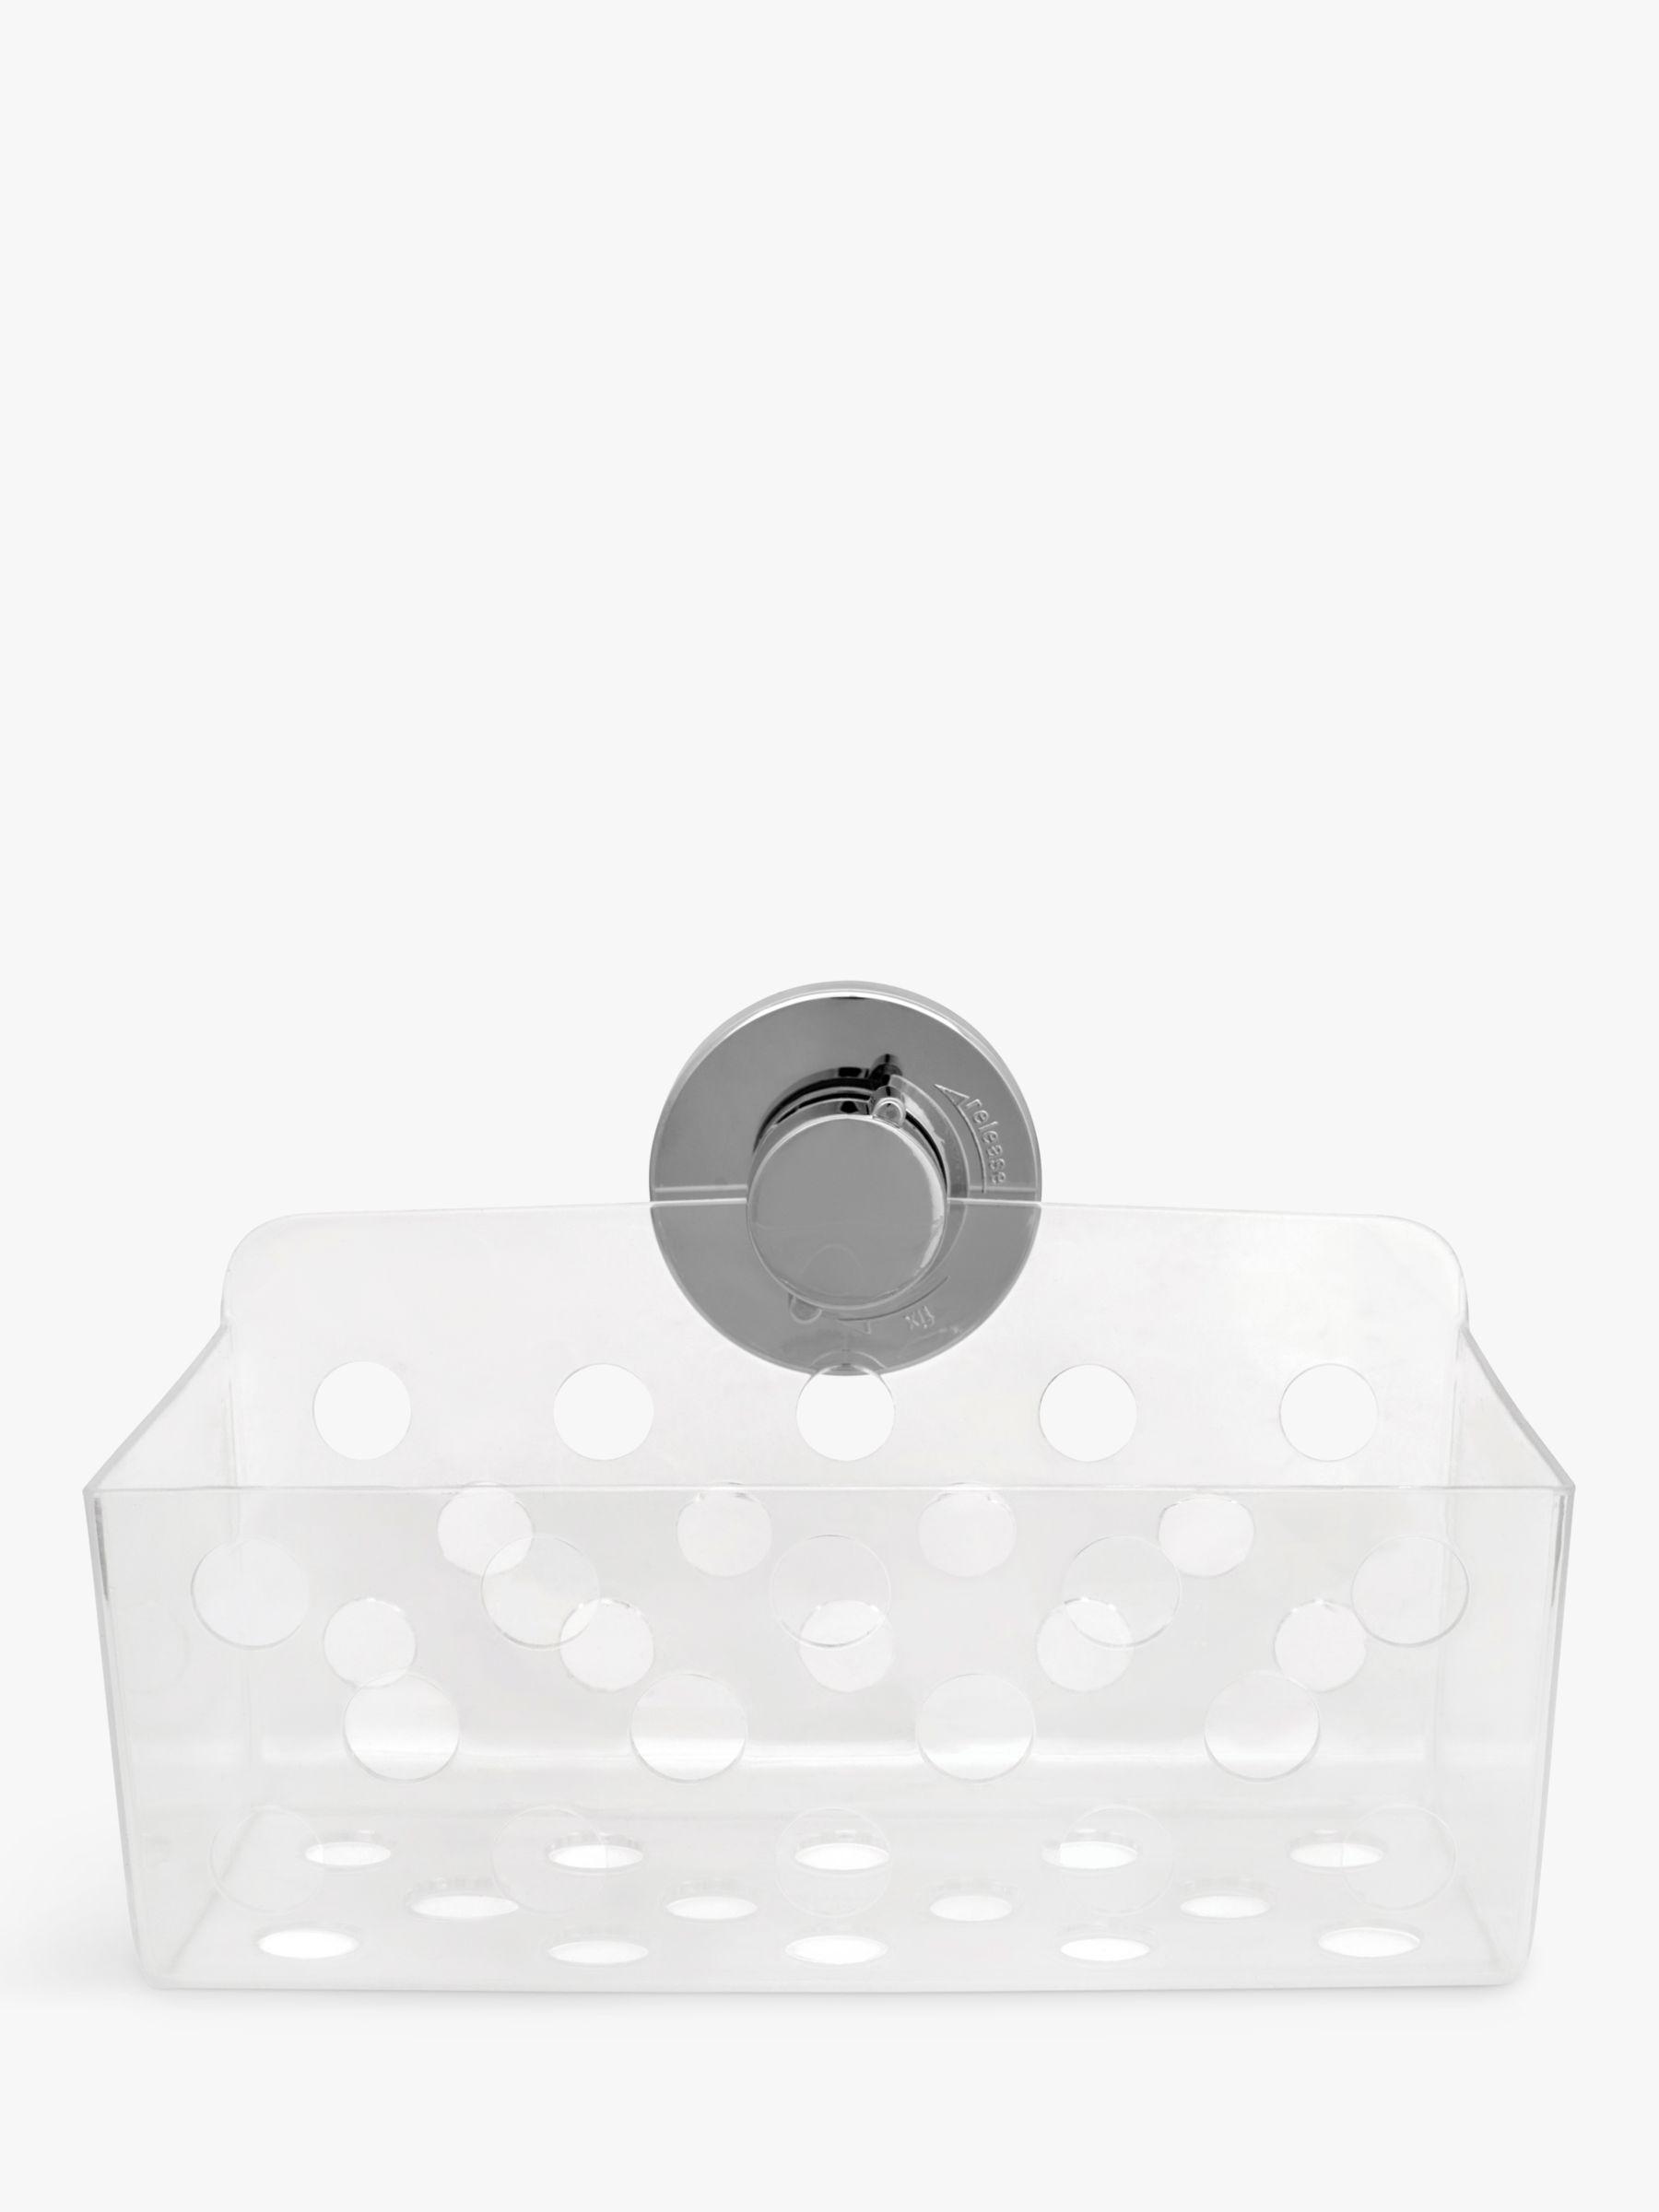 Bliss Bliss Lock N Roll Rectangular Bathroom Suction Basket